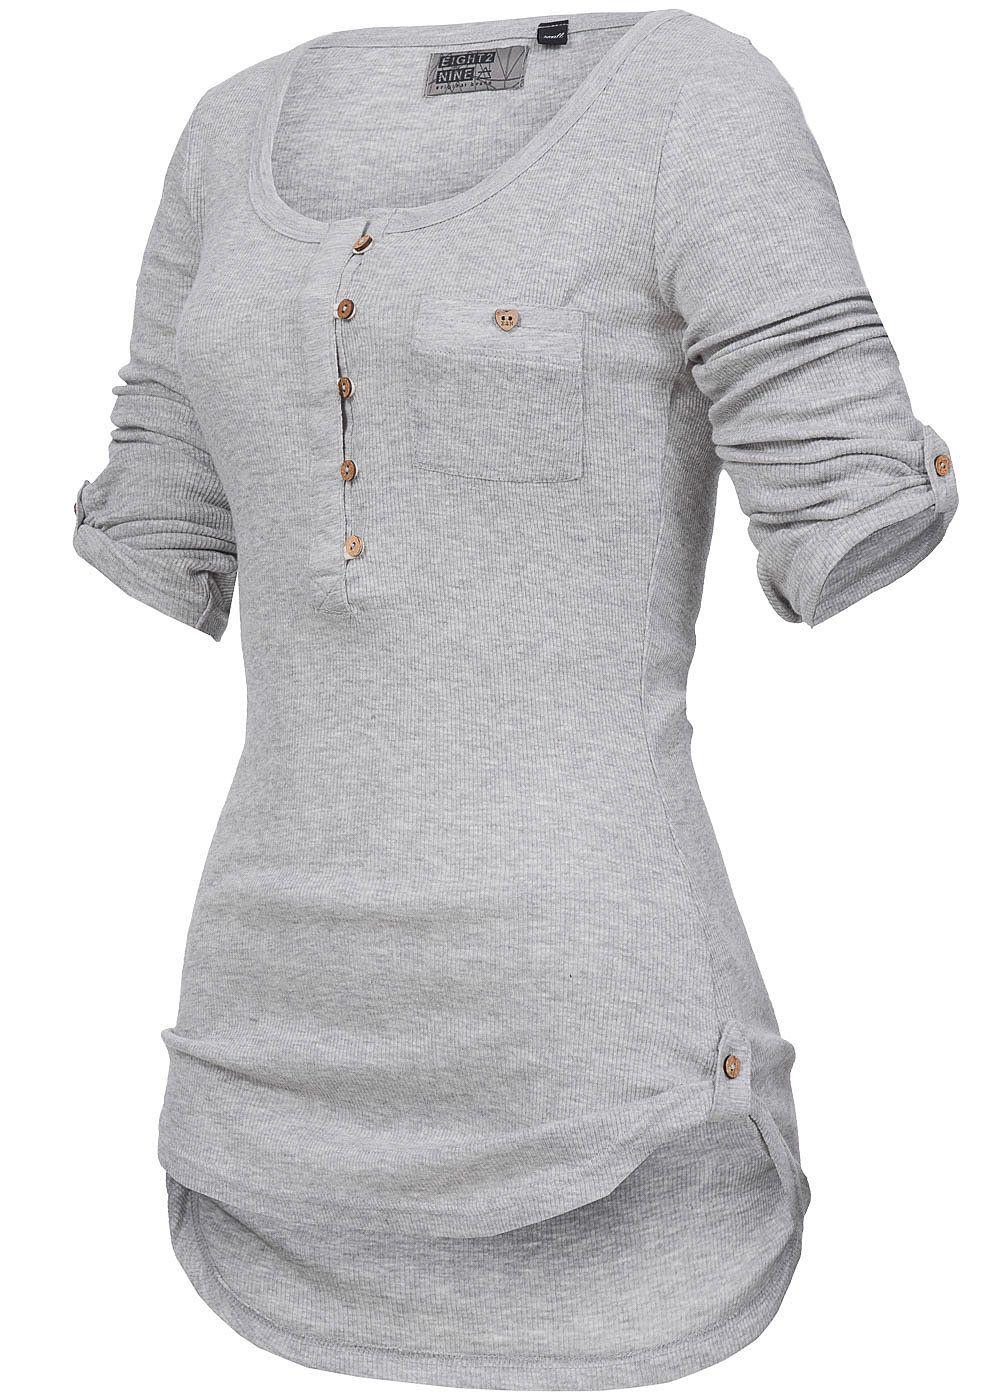 94536bac014a18 Eight2Nine Damen Longsleeve Turn-Up Ärmel Brusttasche Knopfleiste grau  melange - 77onlineshop T Shirt Nähen